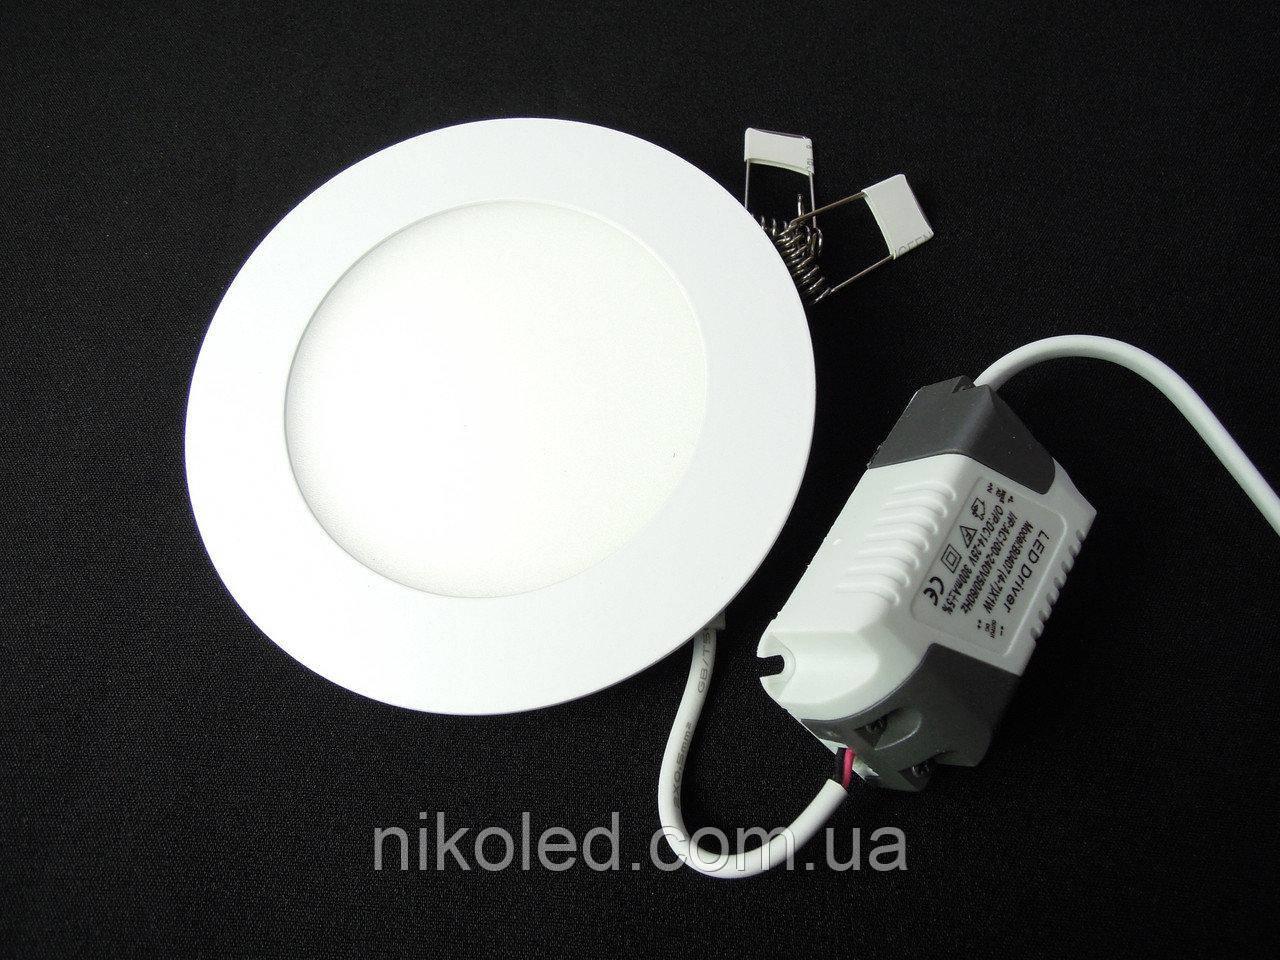 Светильник точечный Slim LED 6W круг  нейтральный белый